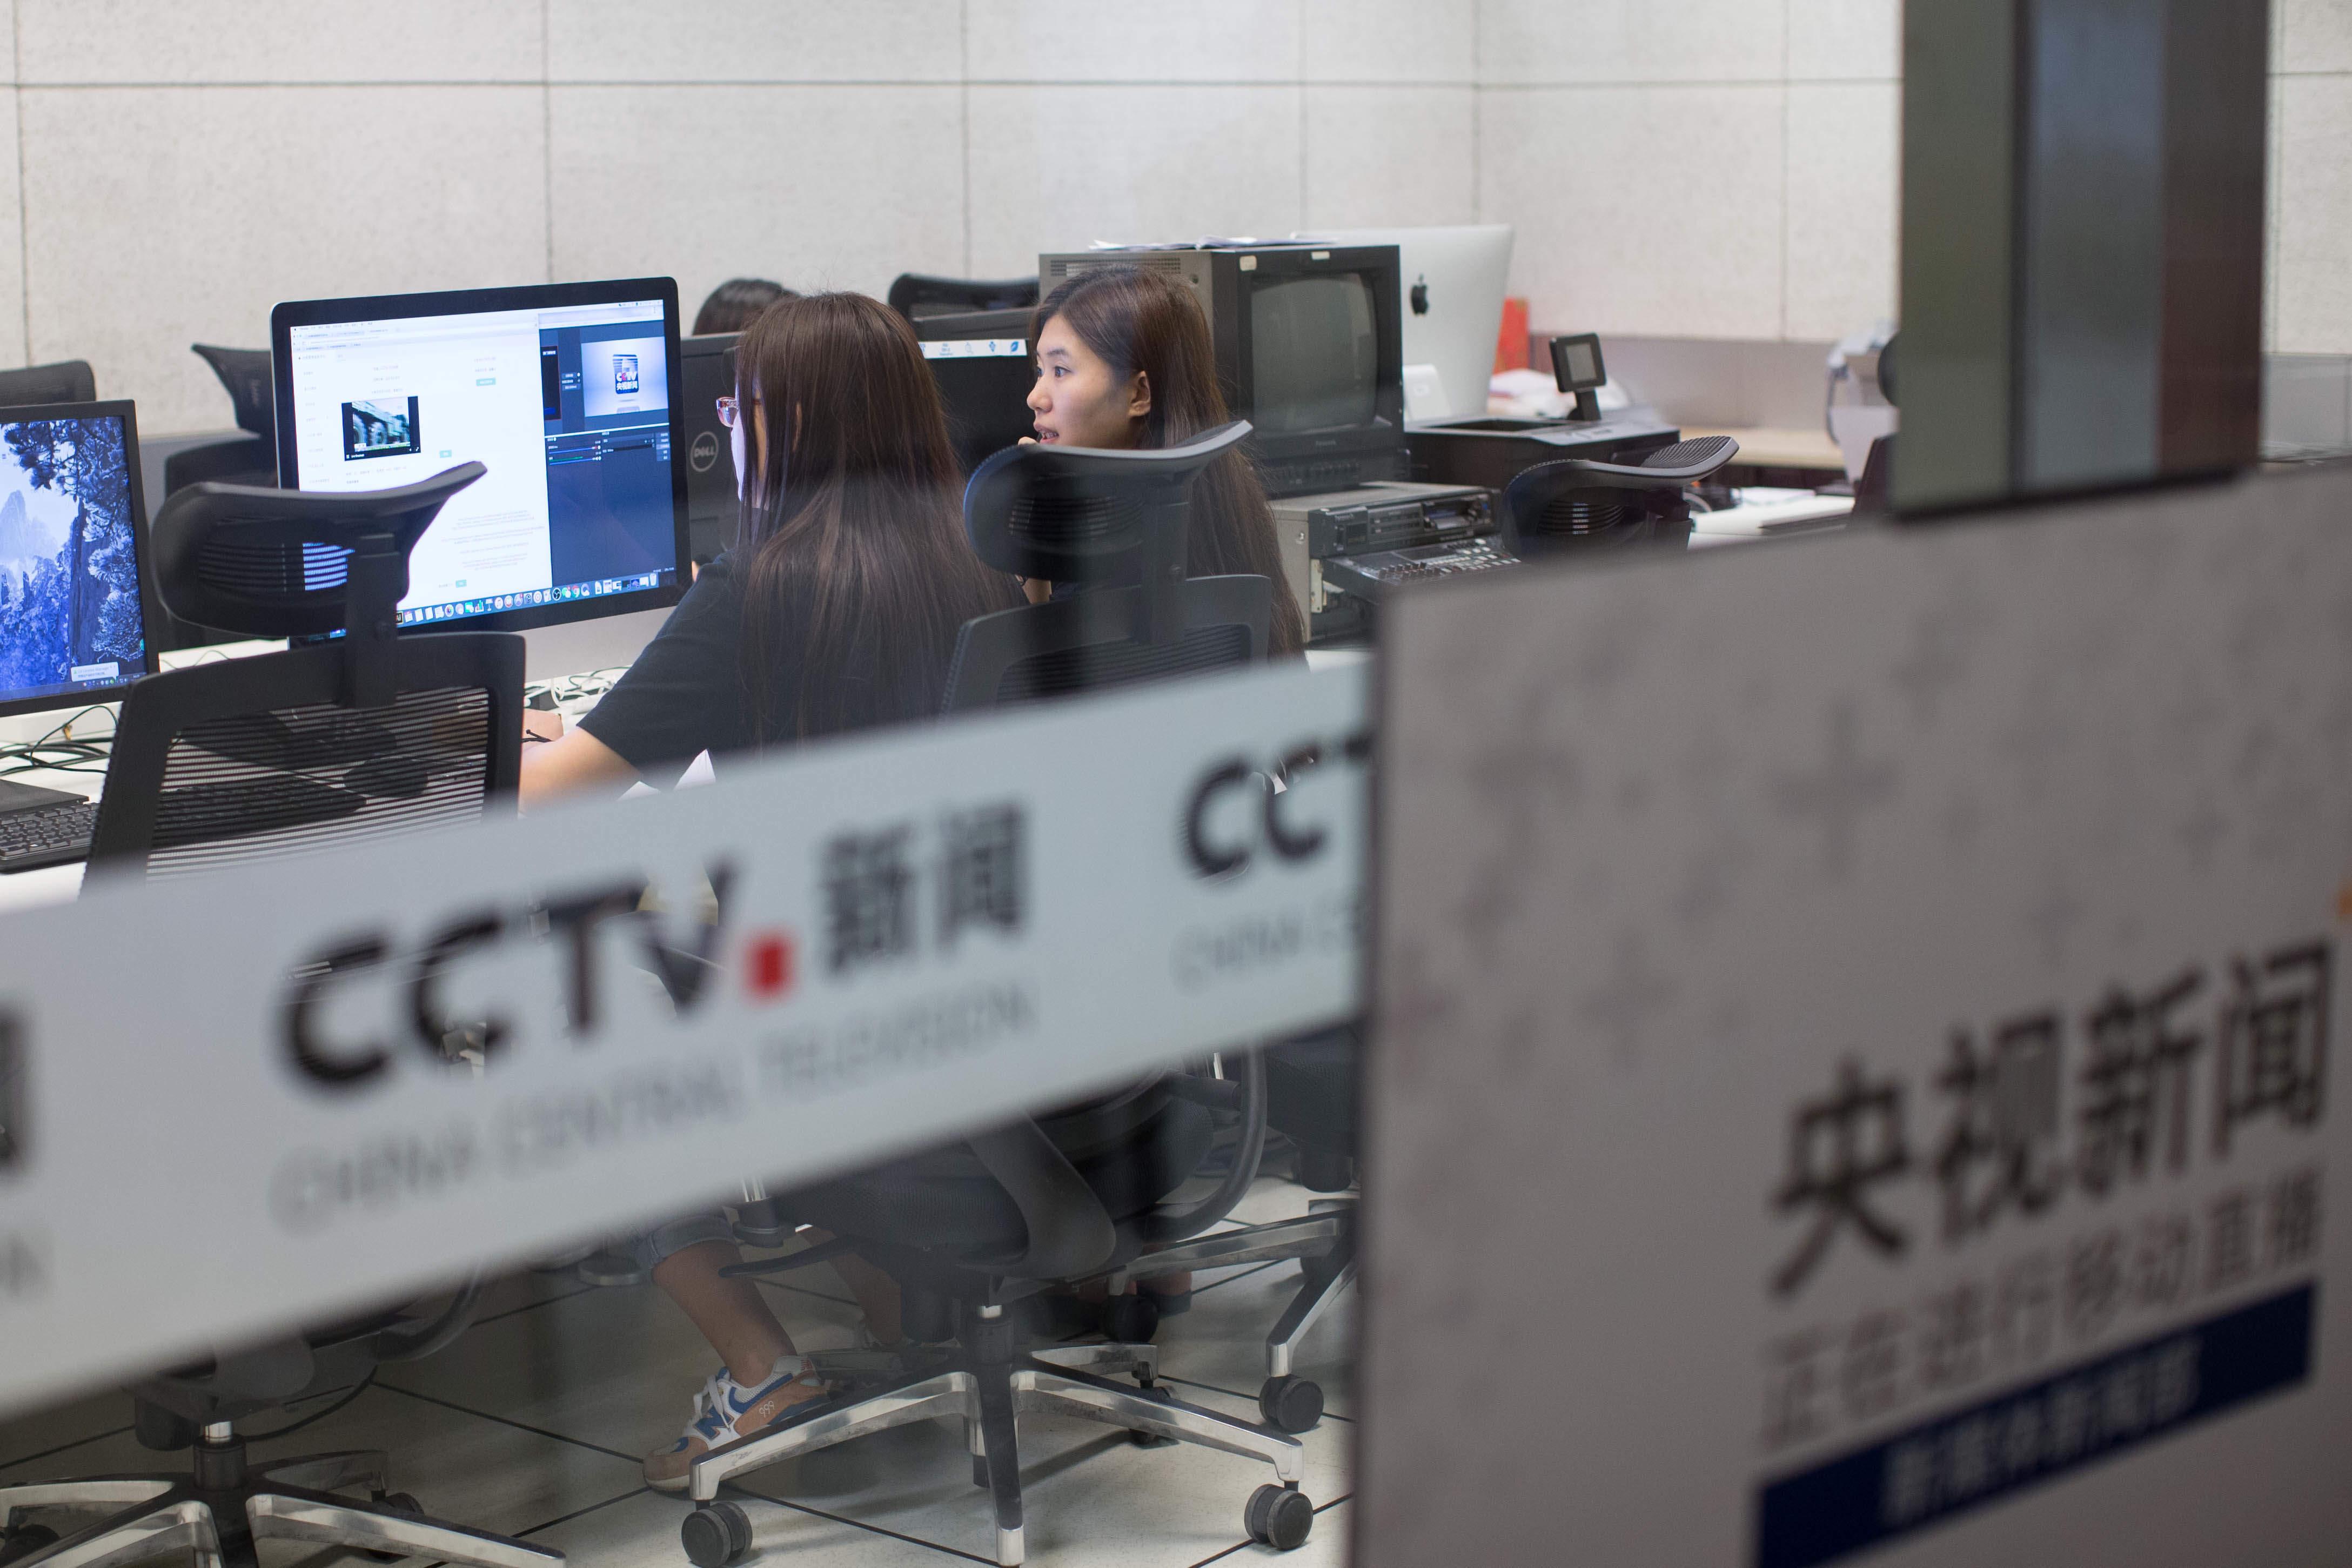 这是中央电视台新闻新媒体移动直播机房(2016年8月30日摄)。 新华社记者 吴壮 摄